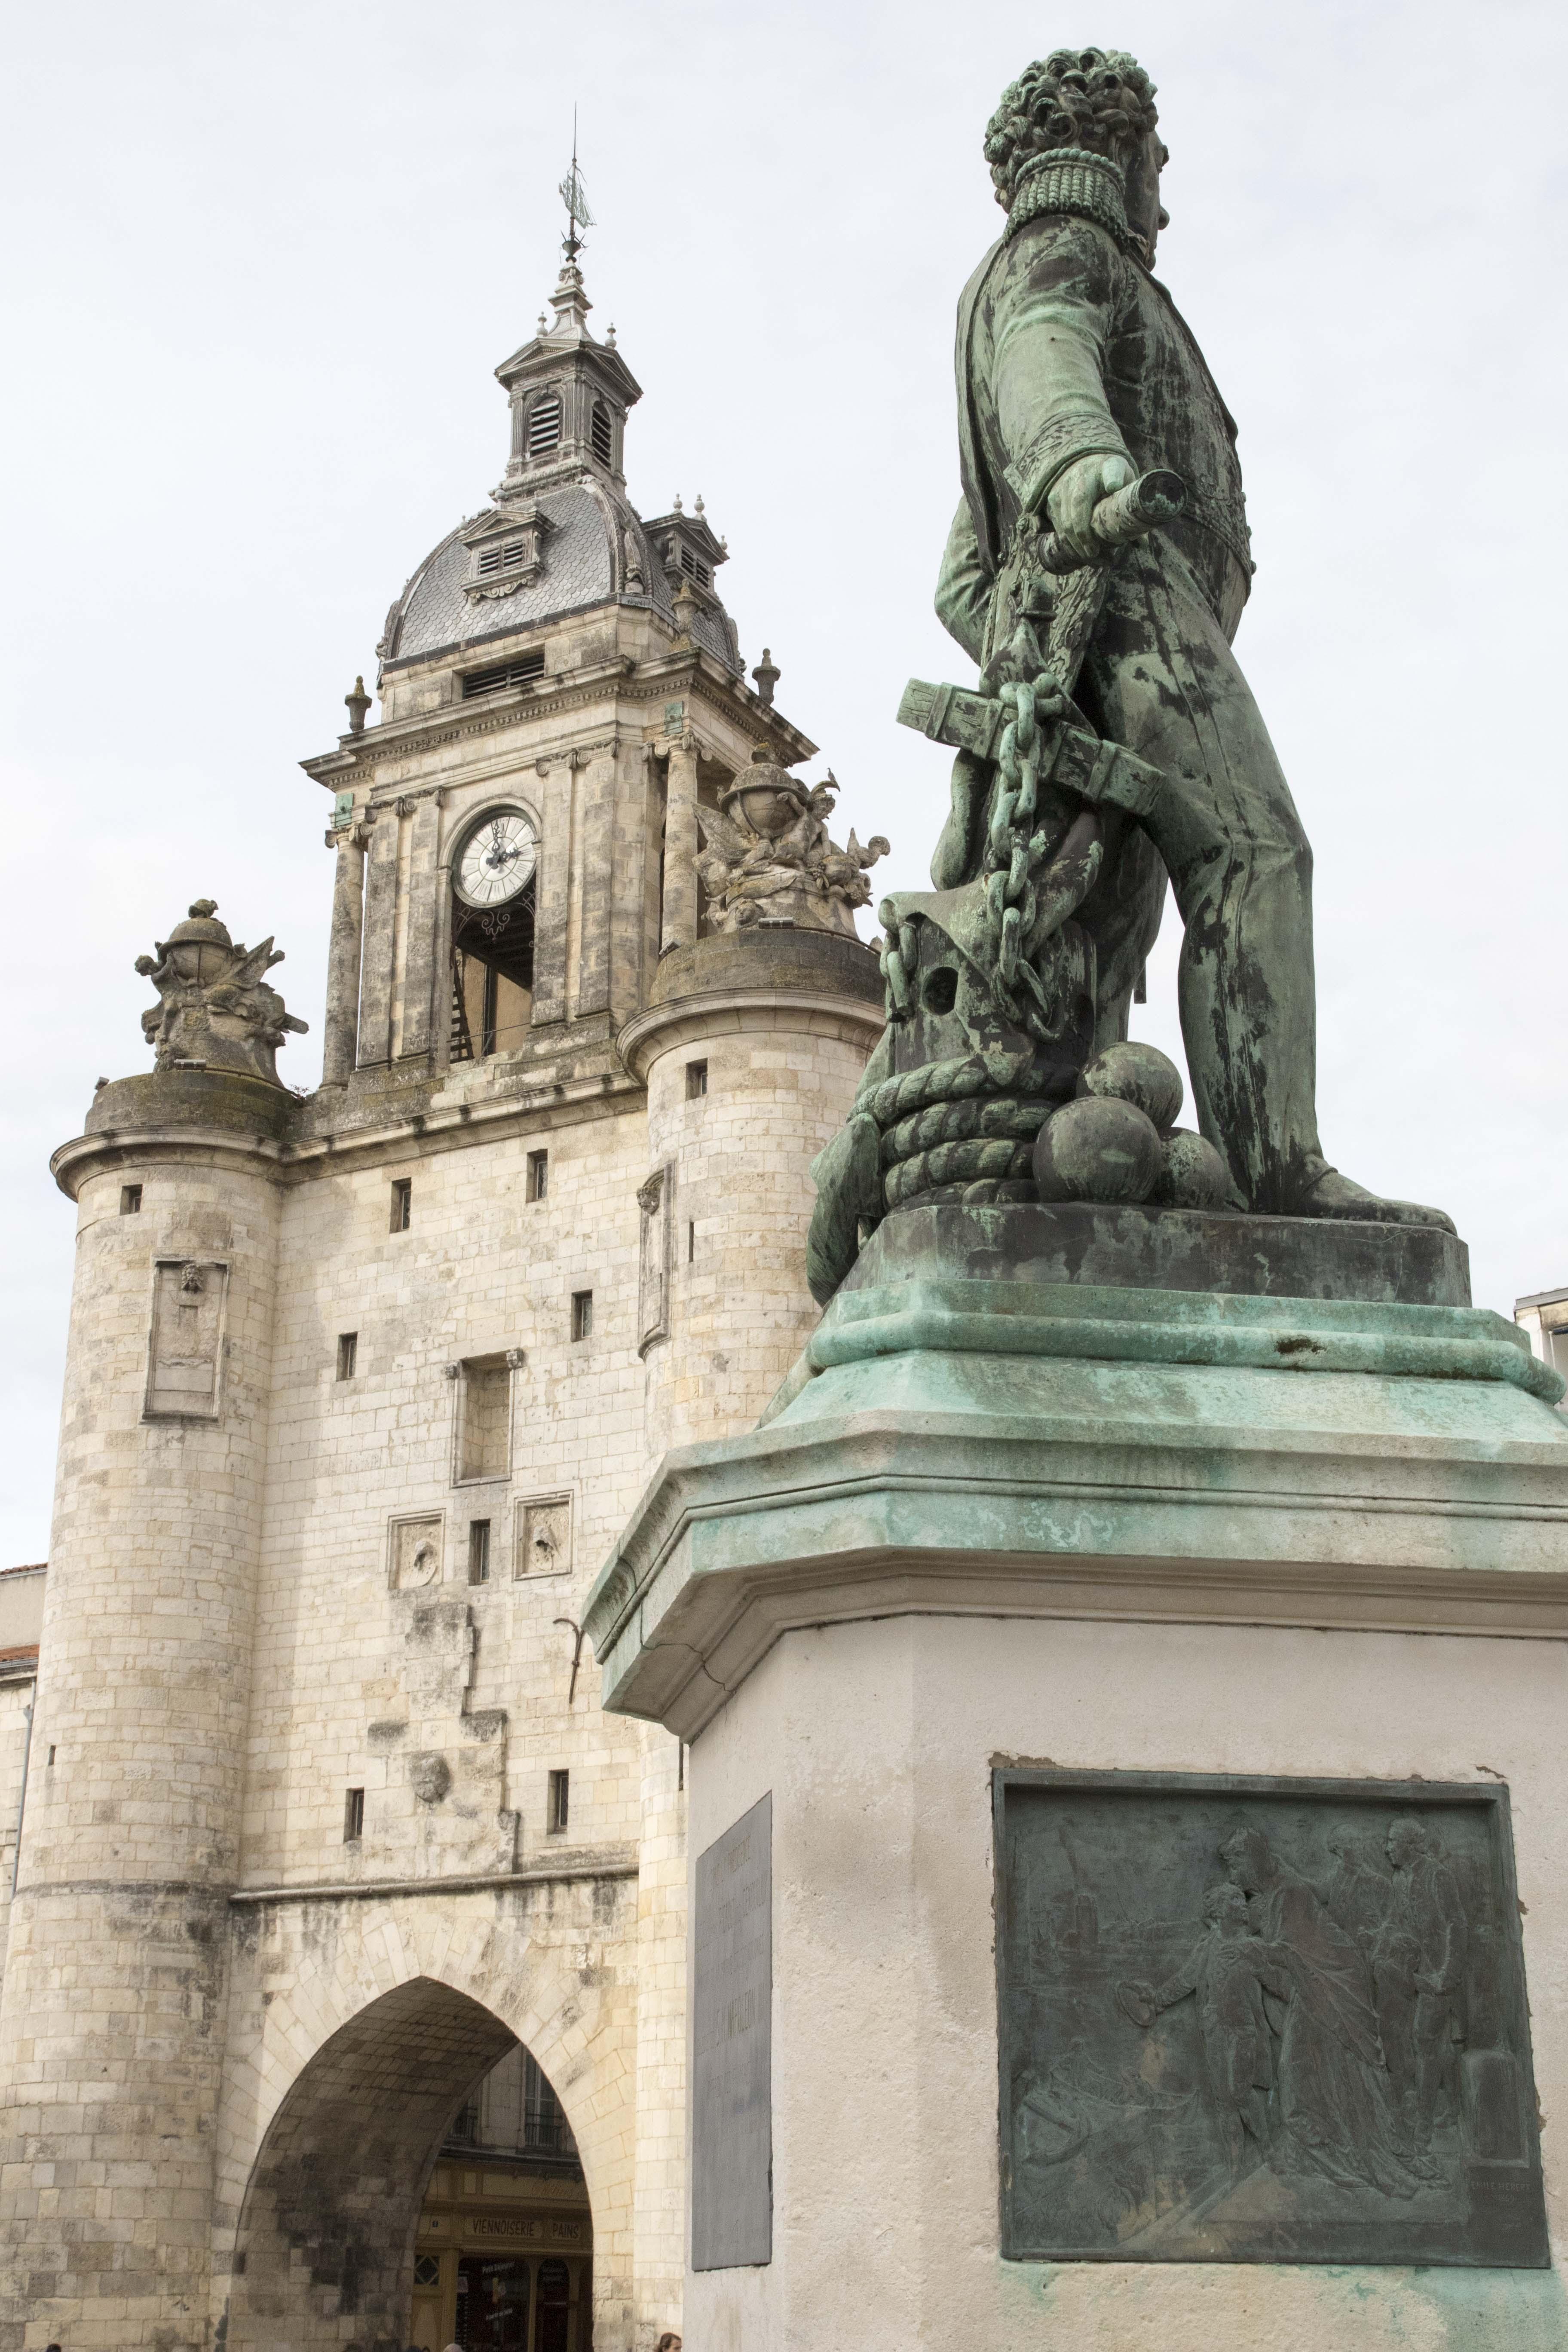 Monument in La Rochelle/Statue a la Rochelle